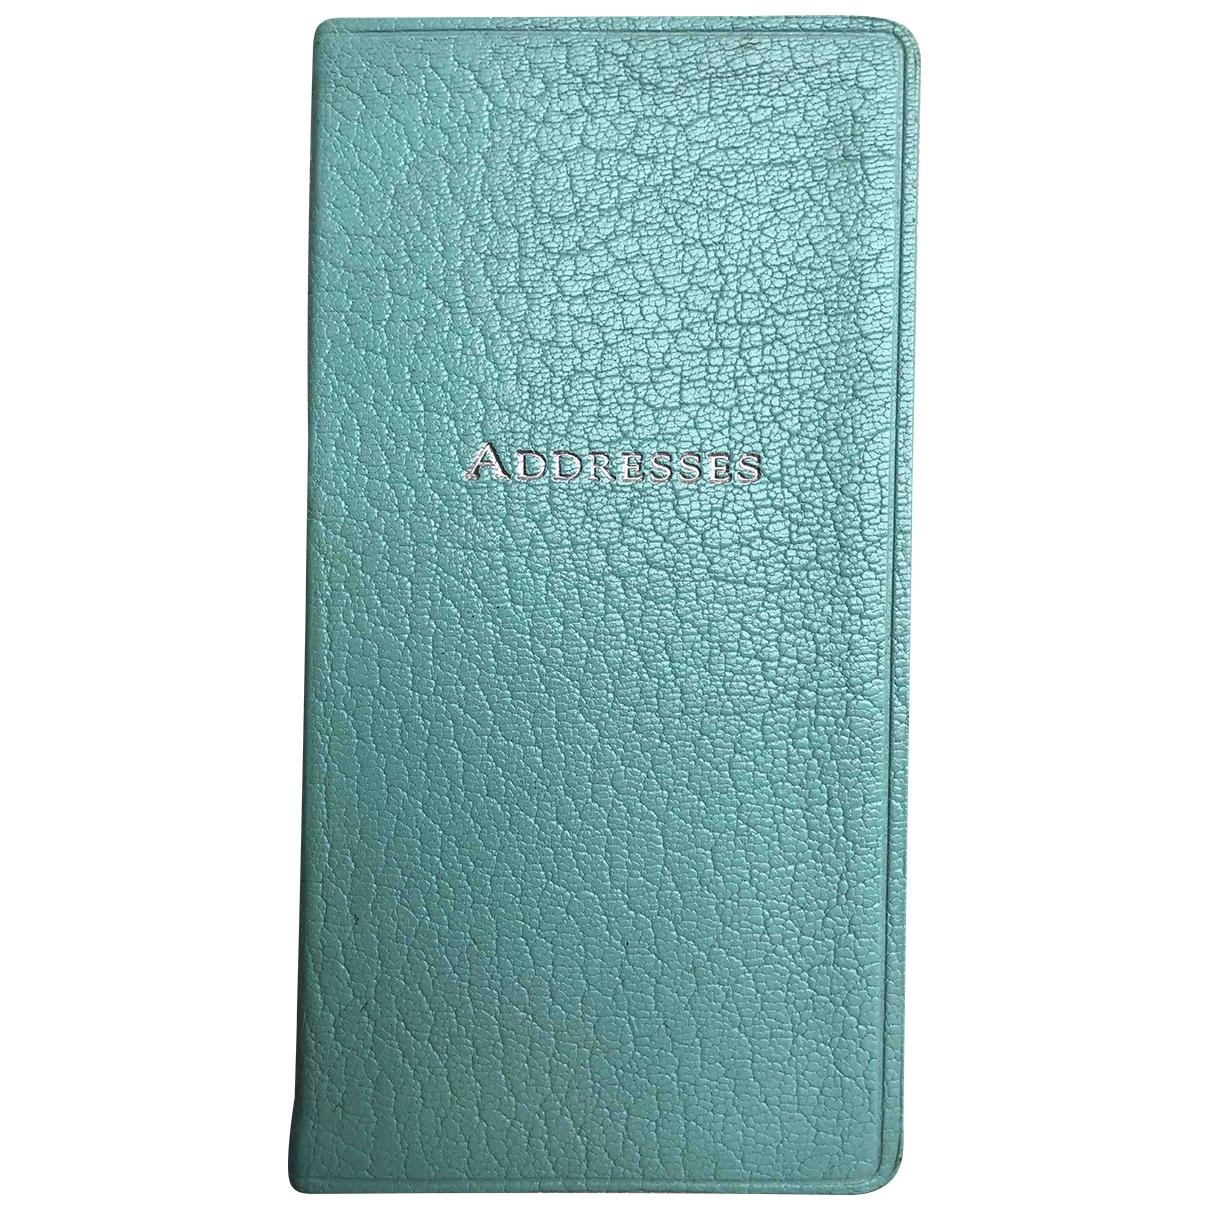 Tiffany & Co \N Accessoires und Dekoration in  Tuerkis Leder